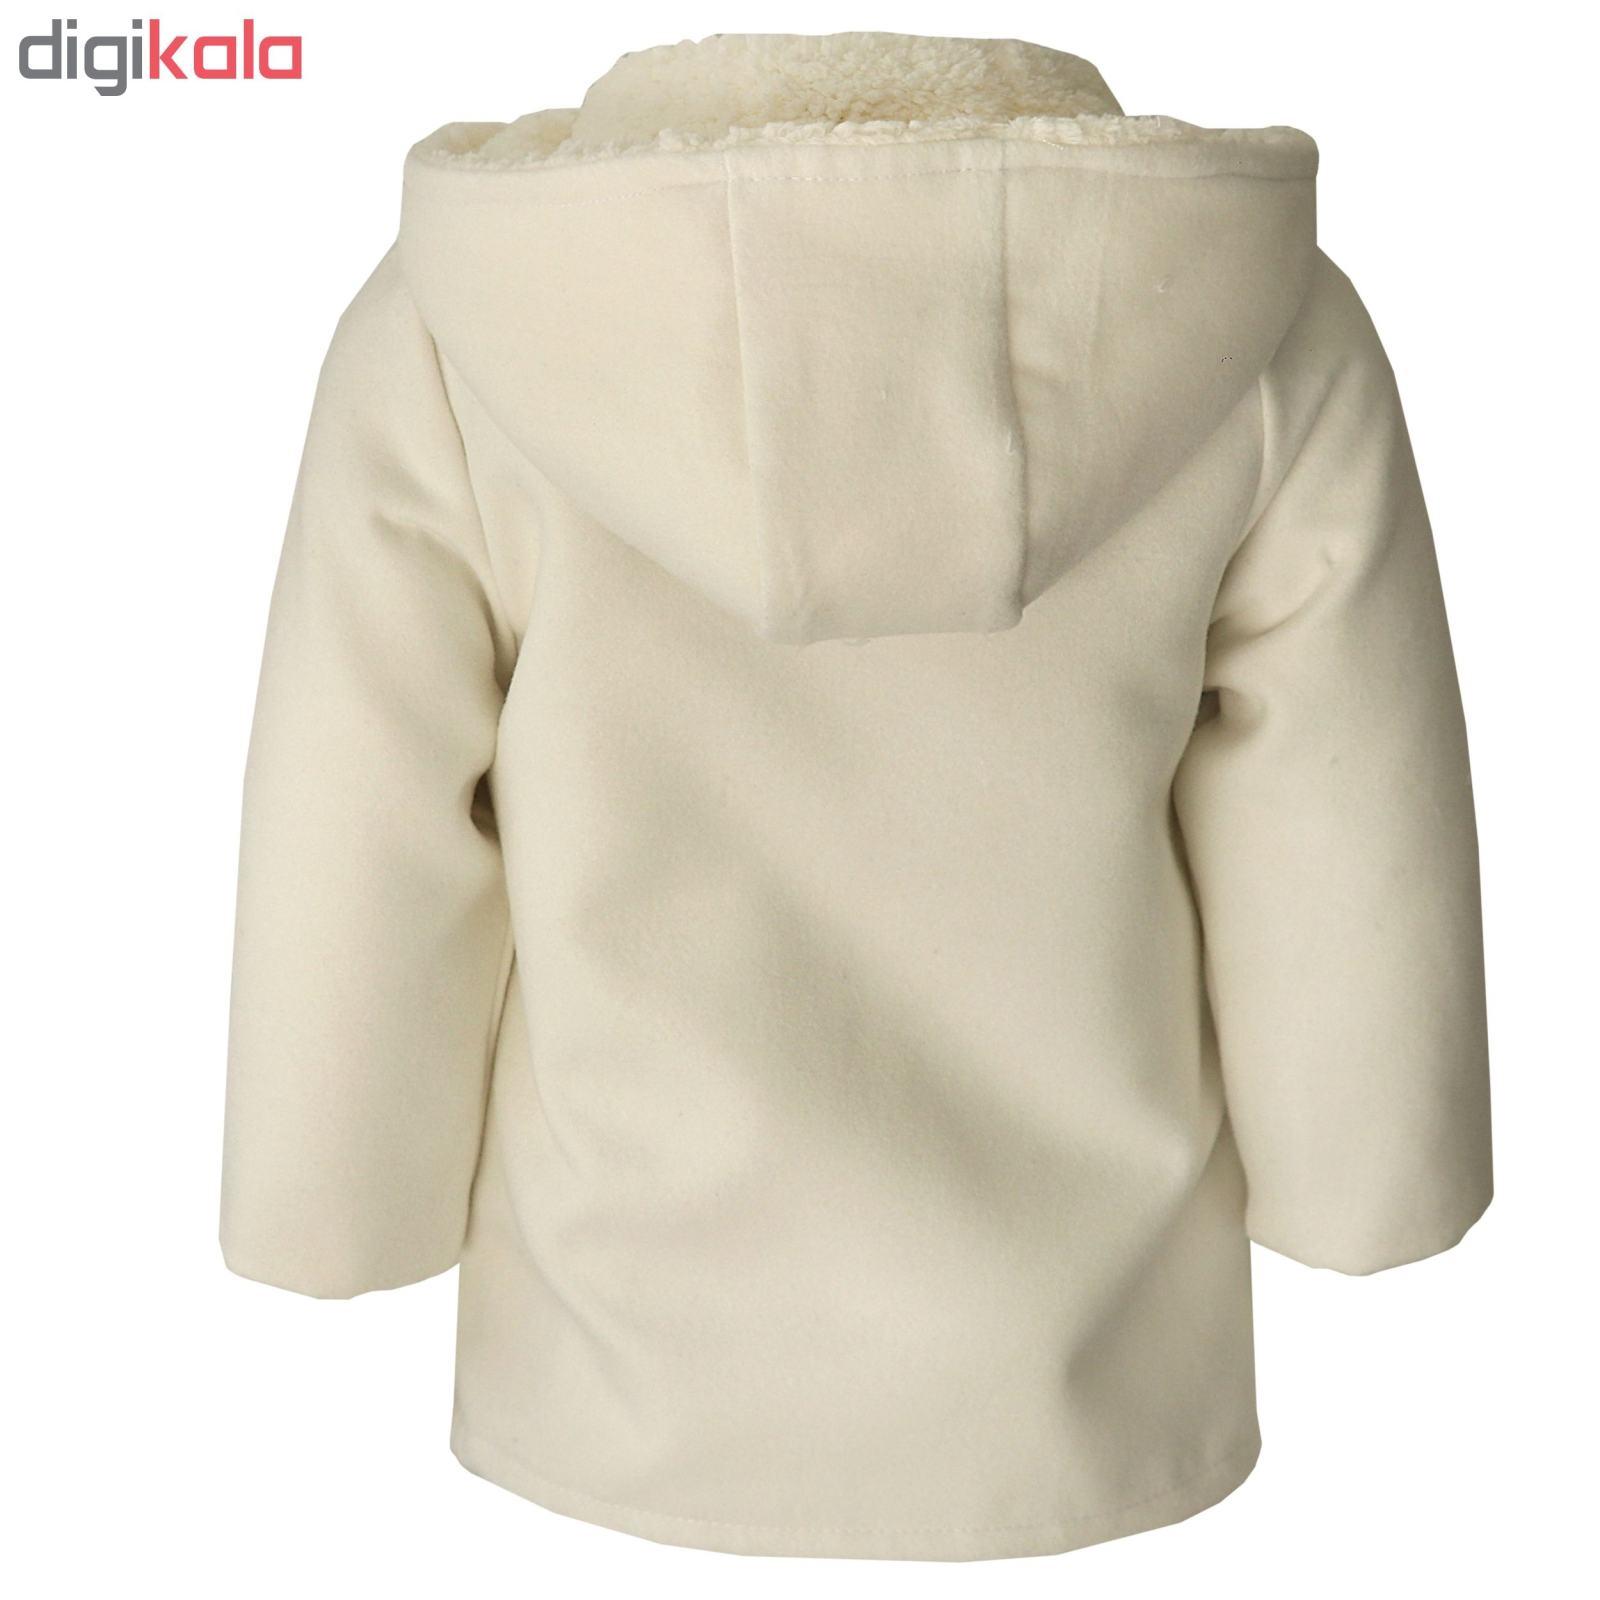 خرید اینترنتی با تخفیف ویژه کاپشن دخترانه هیلا مدل 331